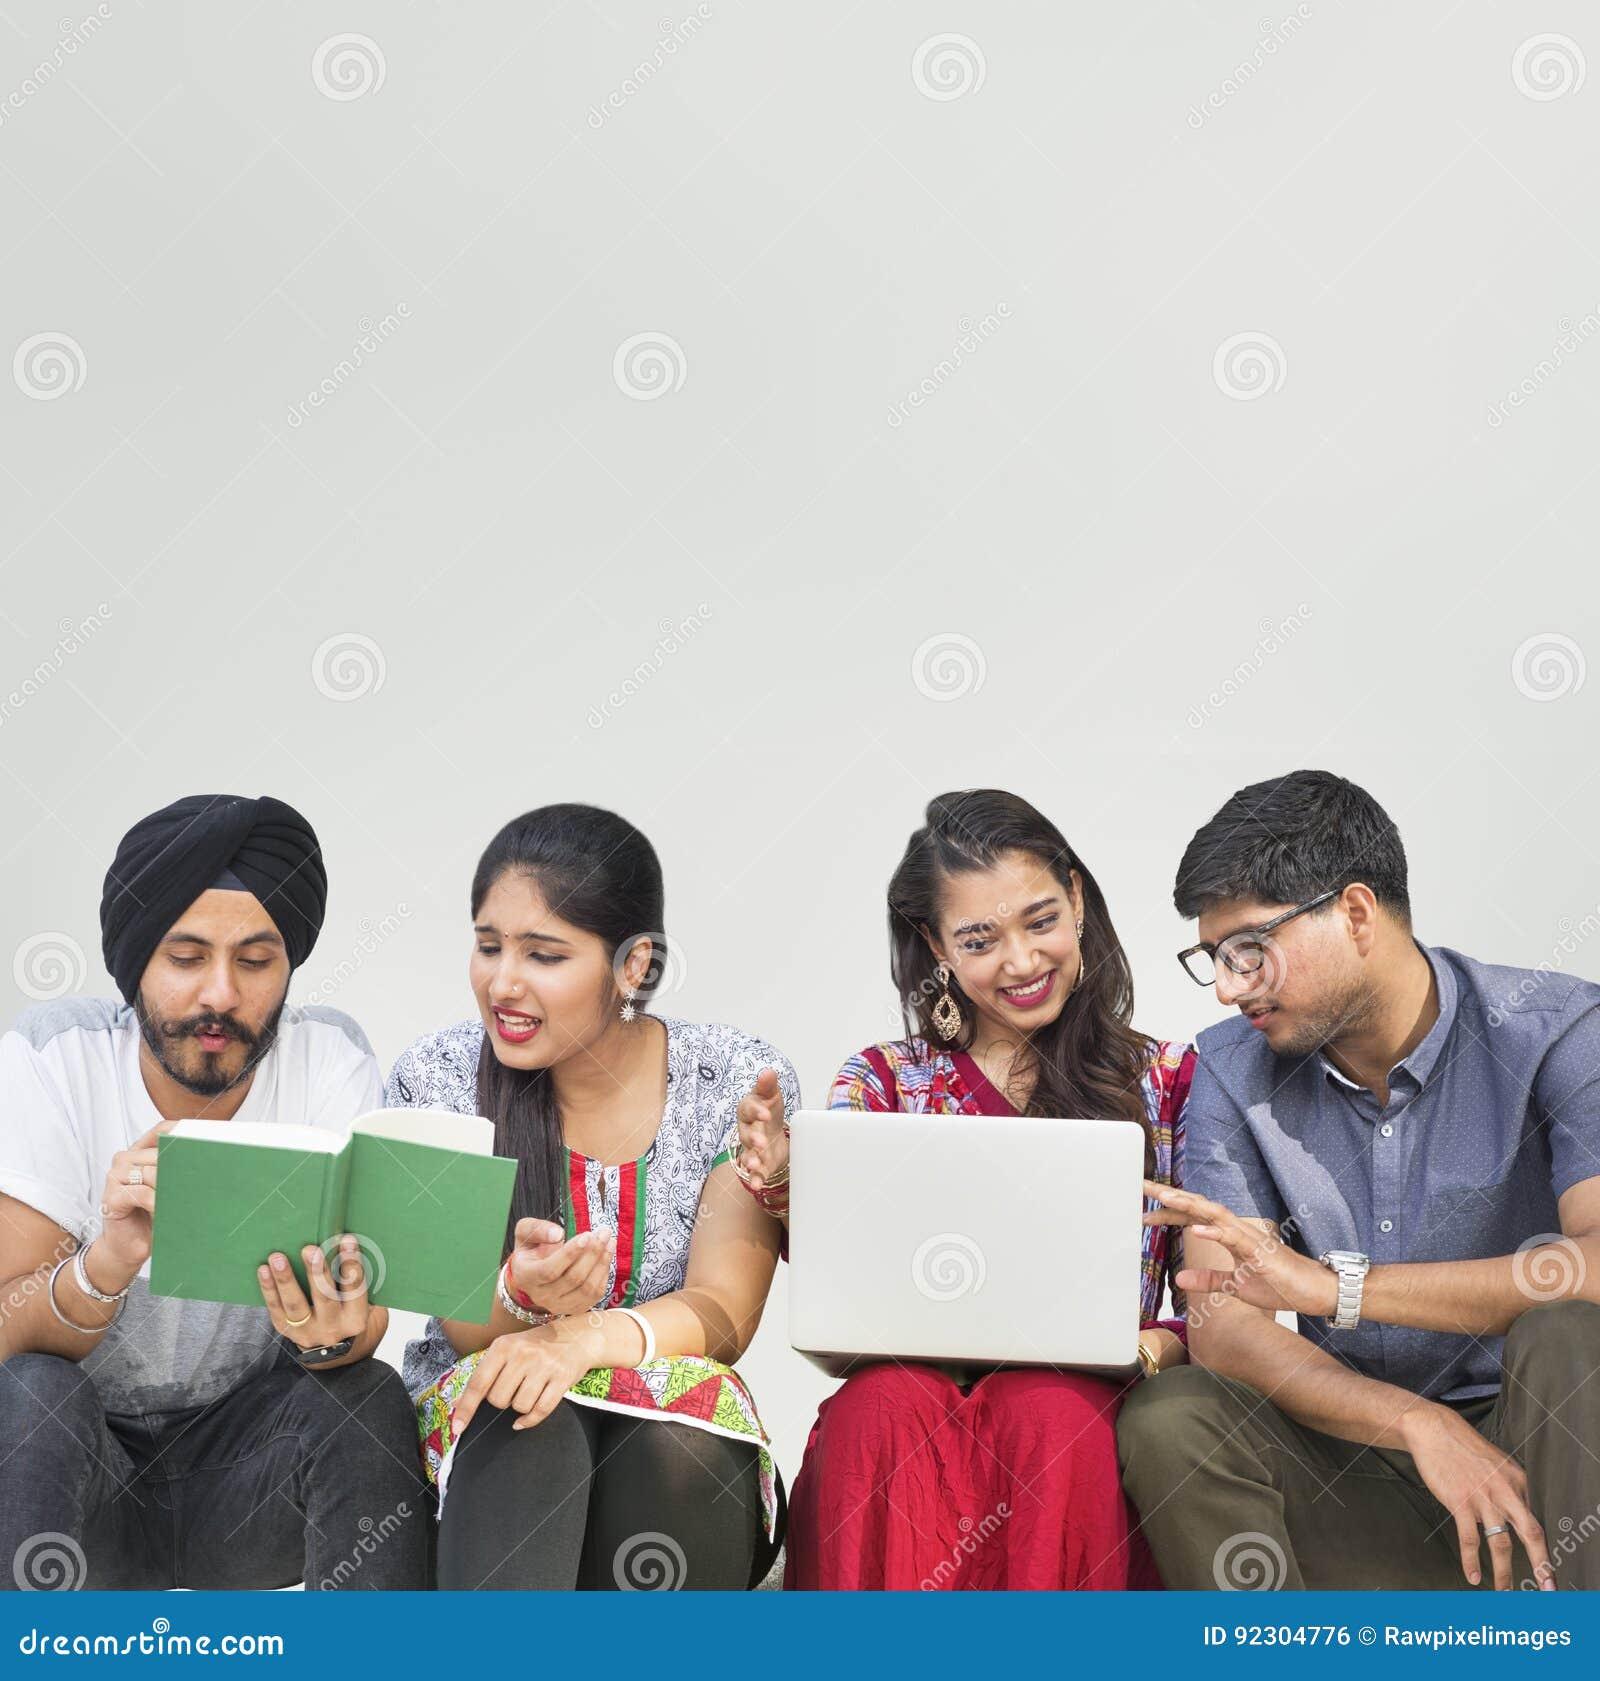 Conceito asiático do Oriente Médio da comunidade da afiliação étnica indiana